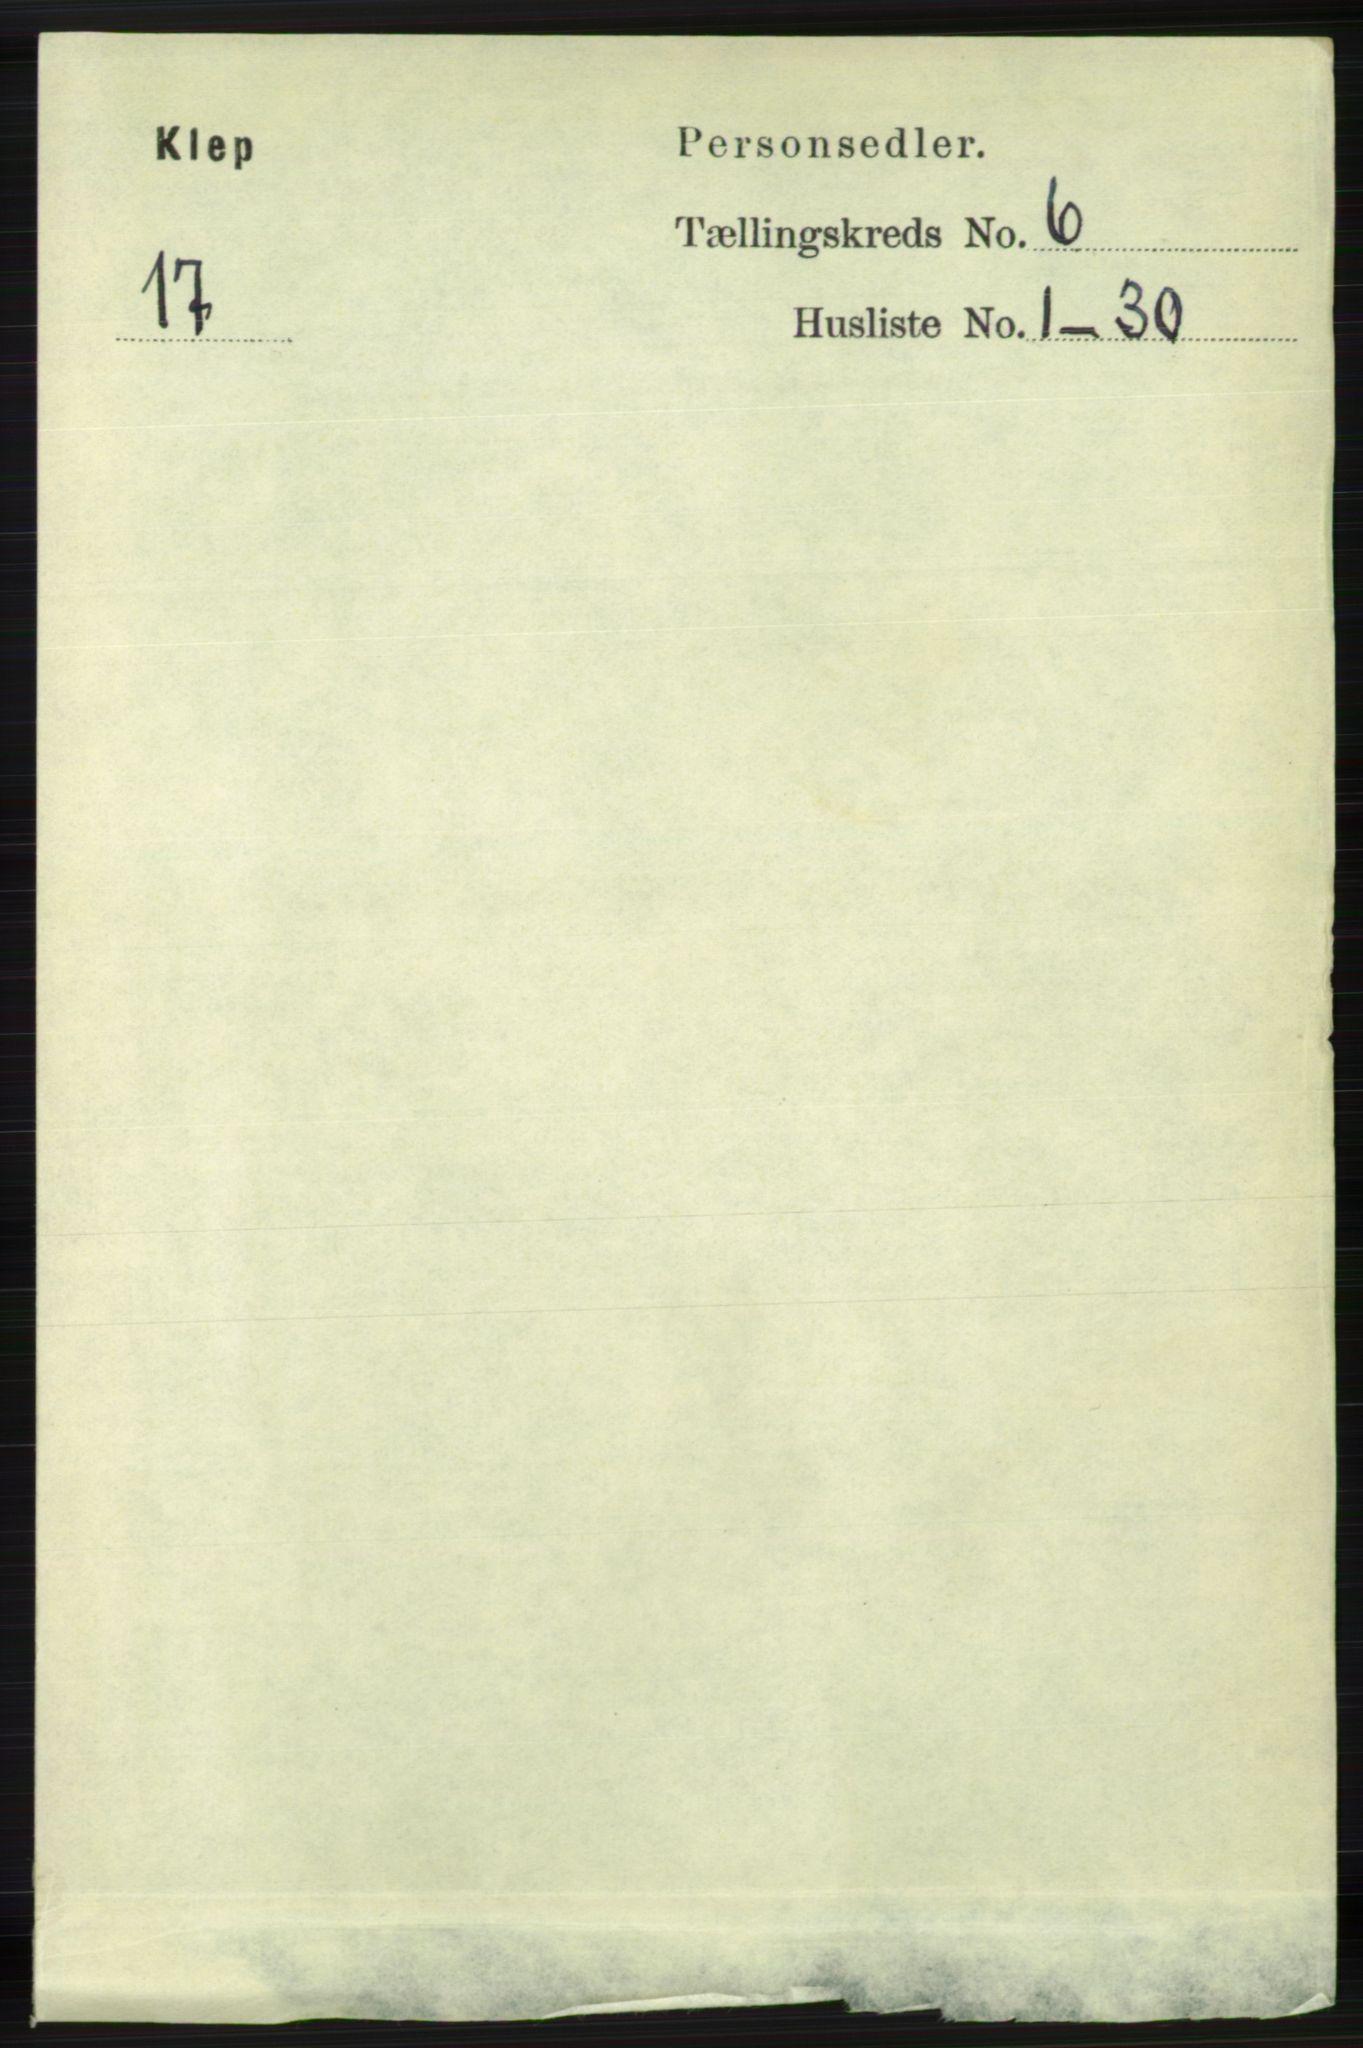 RA, Folketelling 1891 for 1120 Klepp herred, 1891, s. 1715